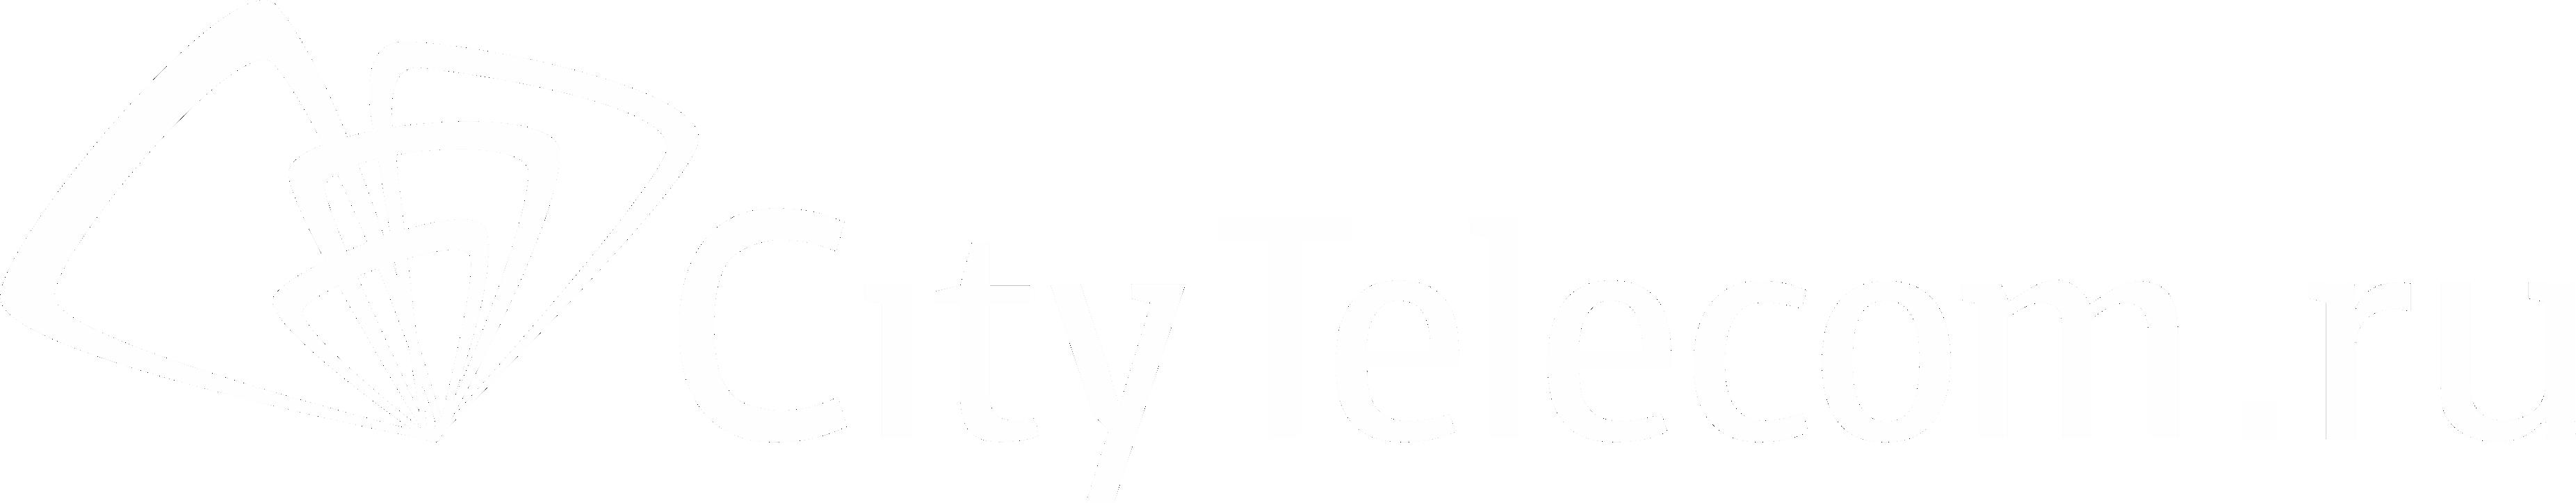 Ситителеком - интернет провайдер Санкт-Петербурга | CityTelecom – услуги связи в Санкт-Петербурге